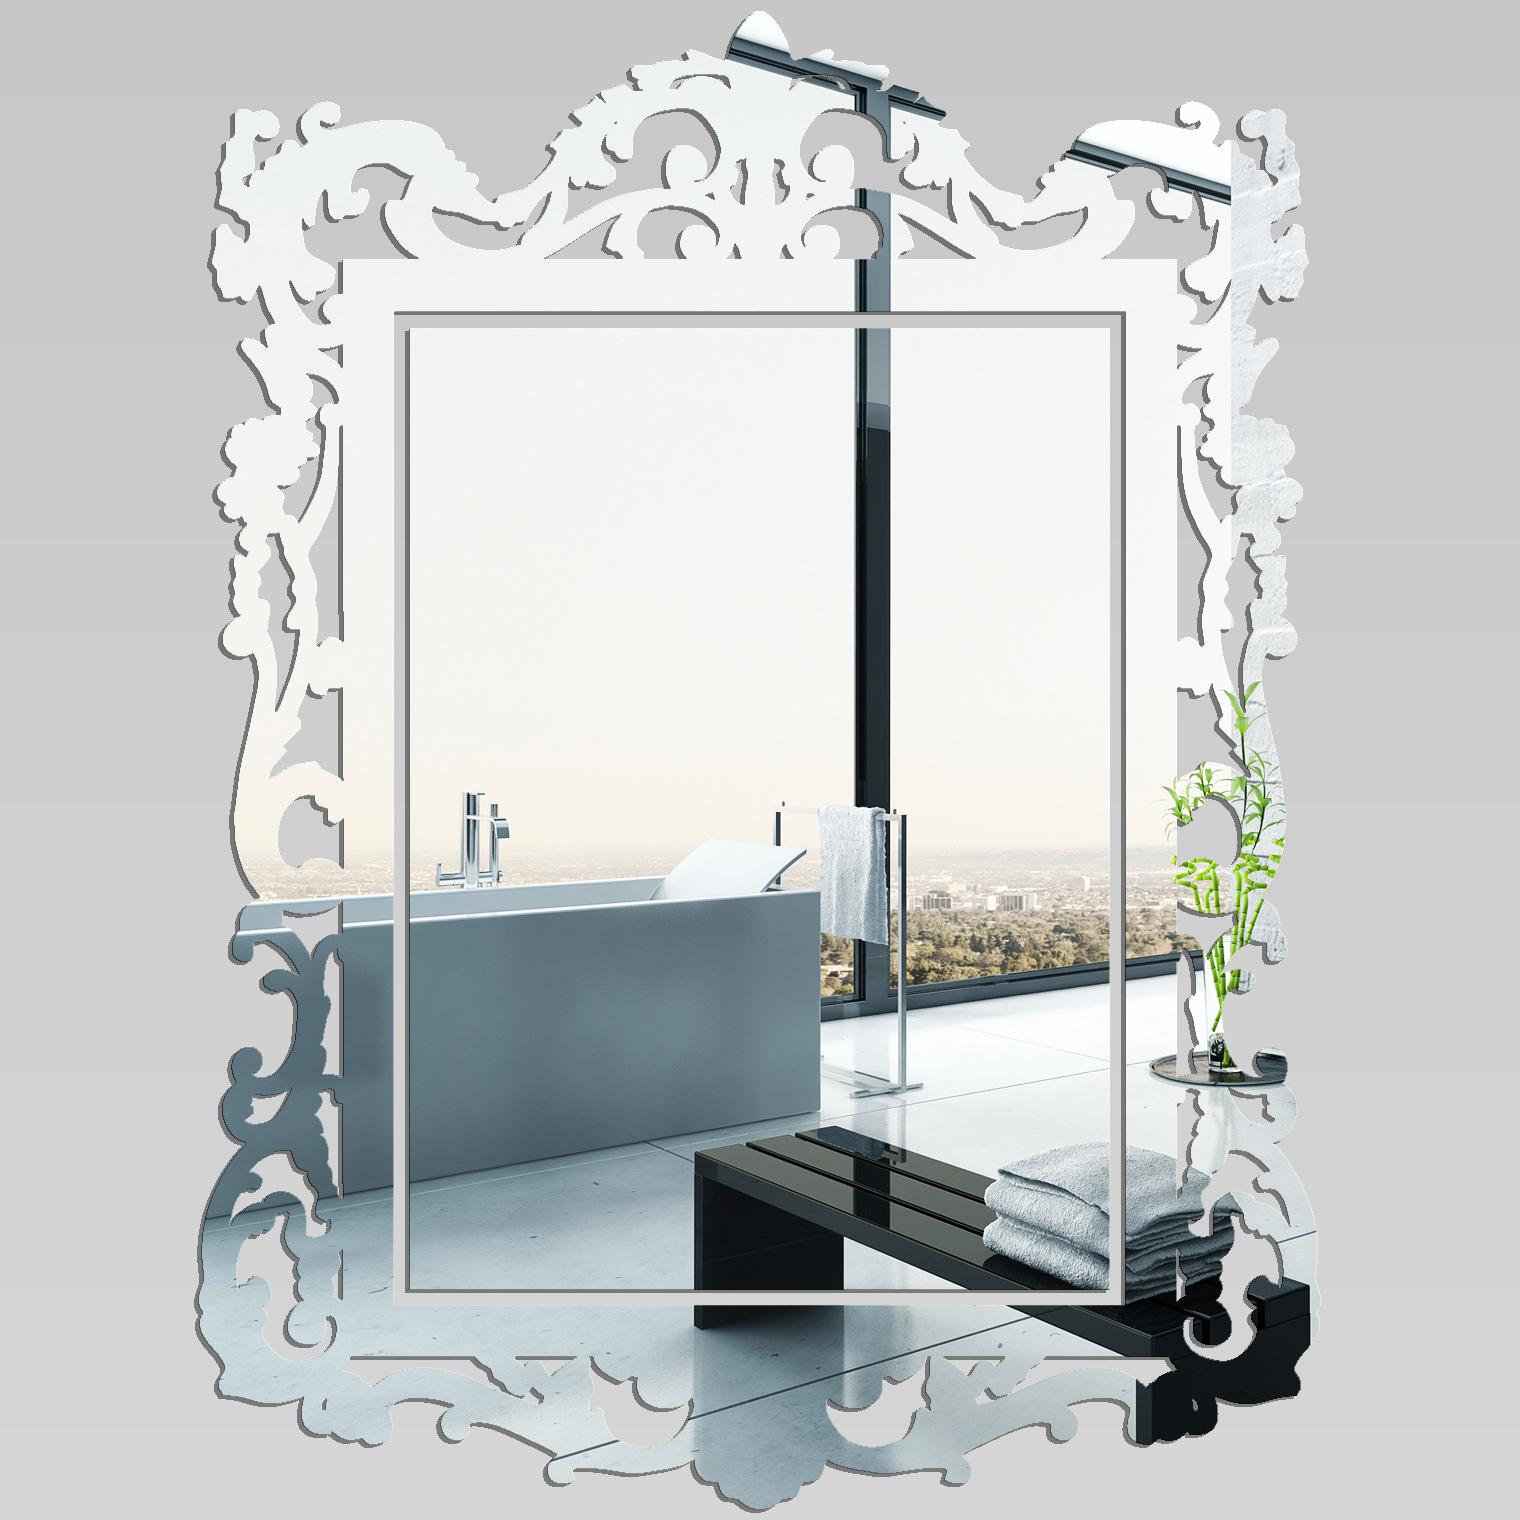 Adesivi follia : specchio acrilico plexiglass barocco